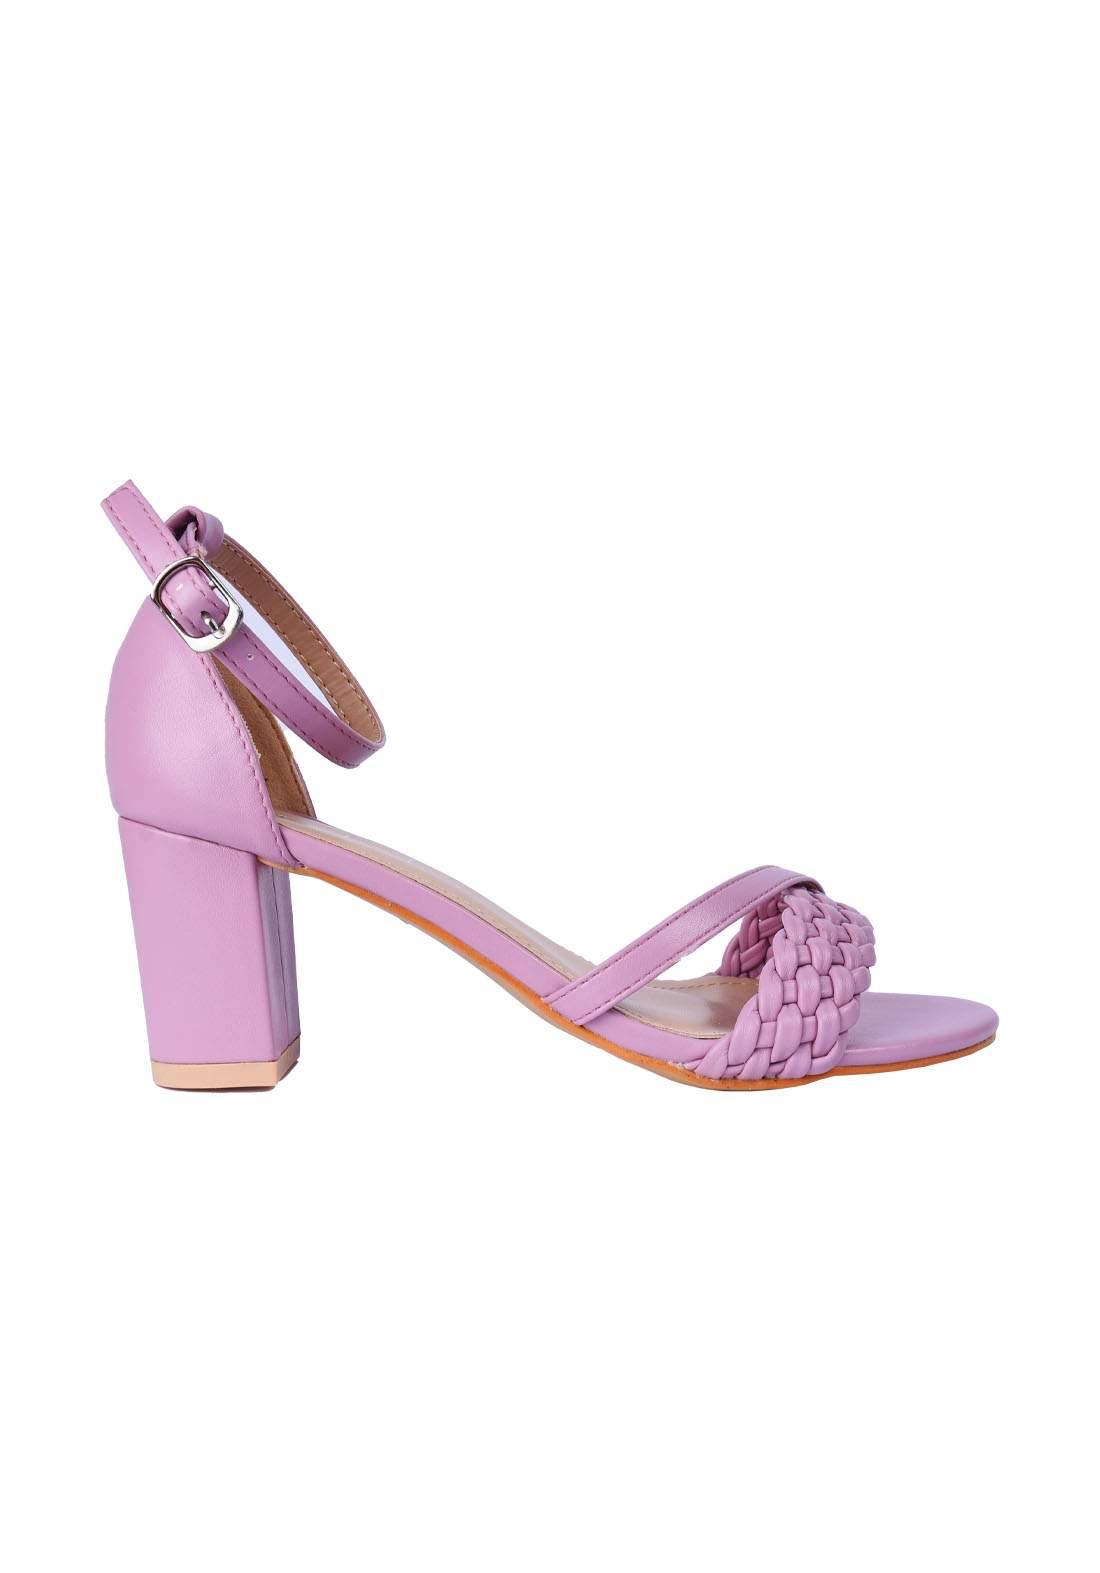 حذاء نسائي كعب 7 سم بنفسجي اللون